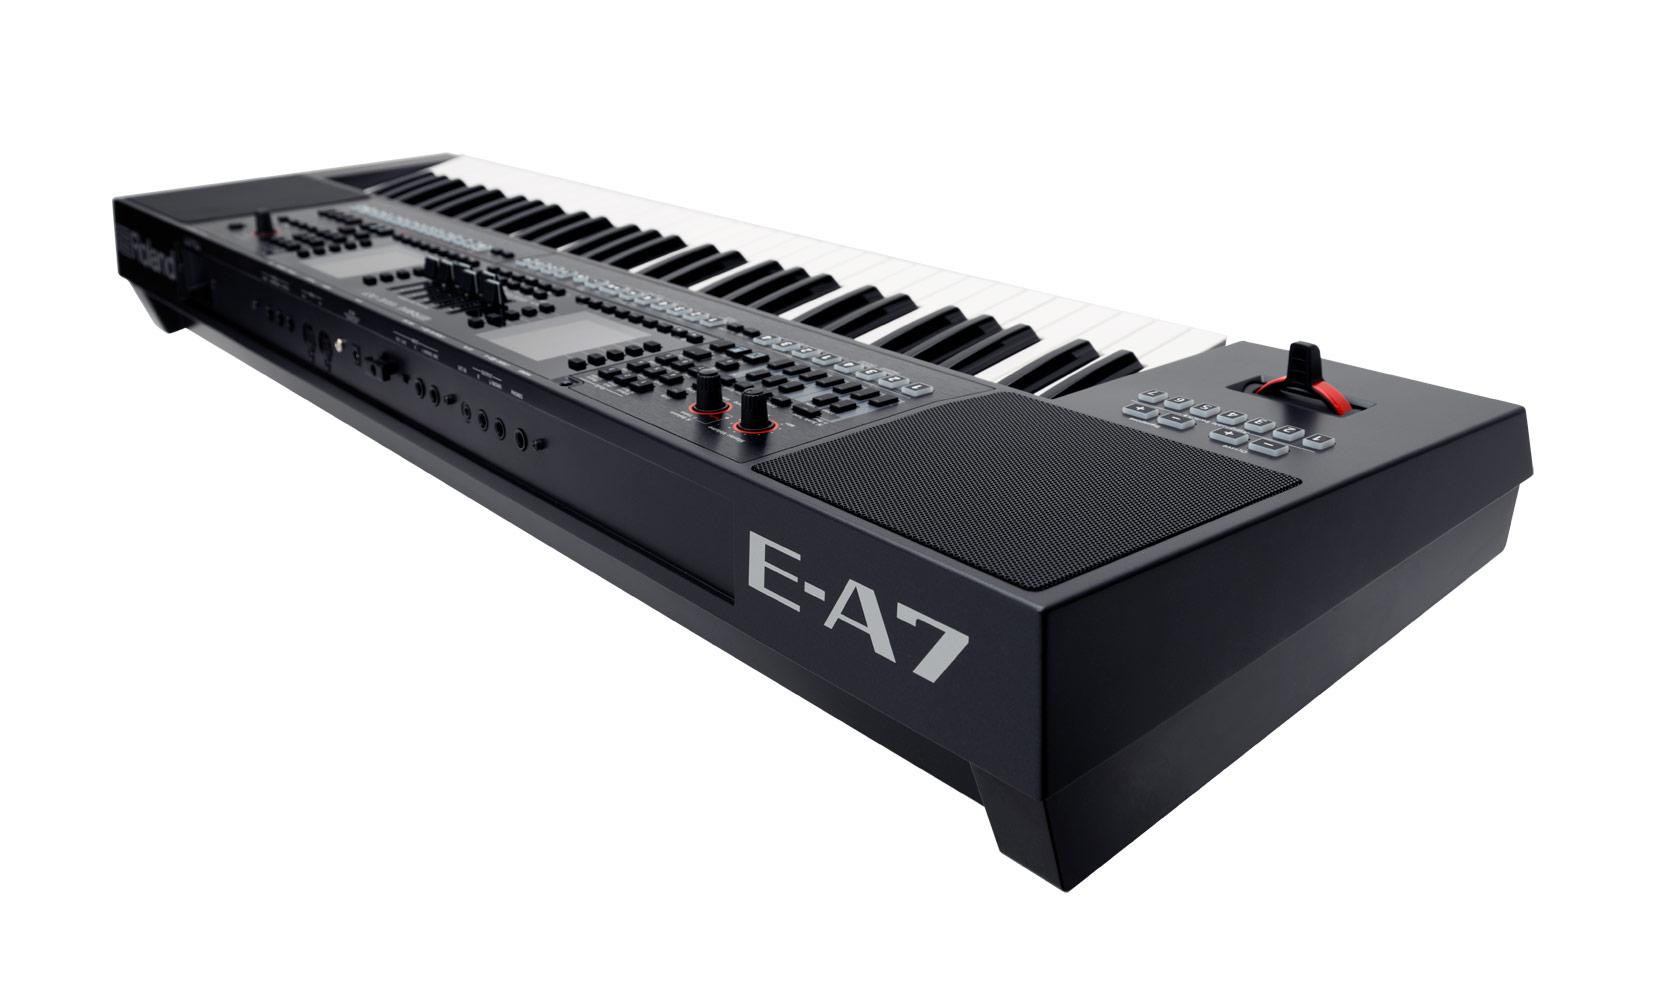 Roland - E-A7   Expandable Arranger